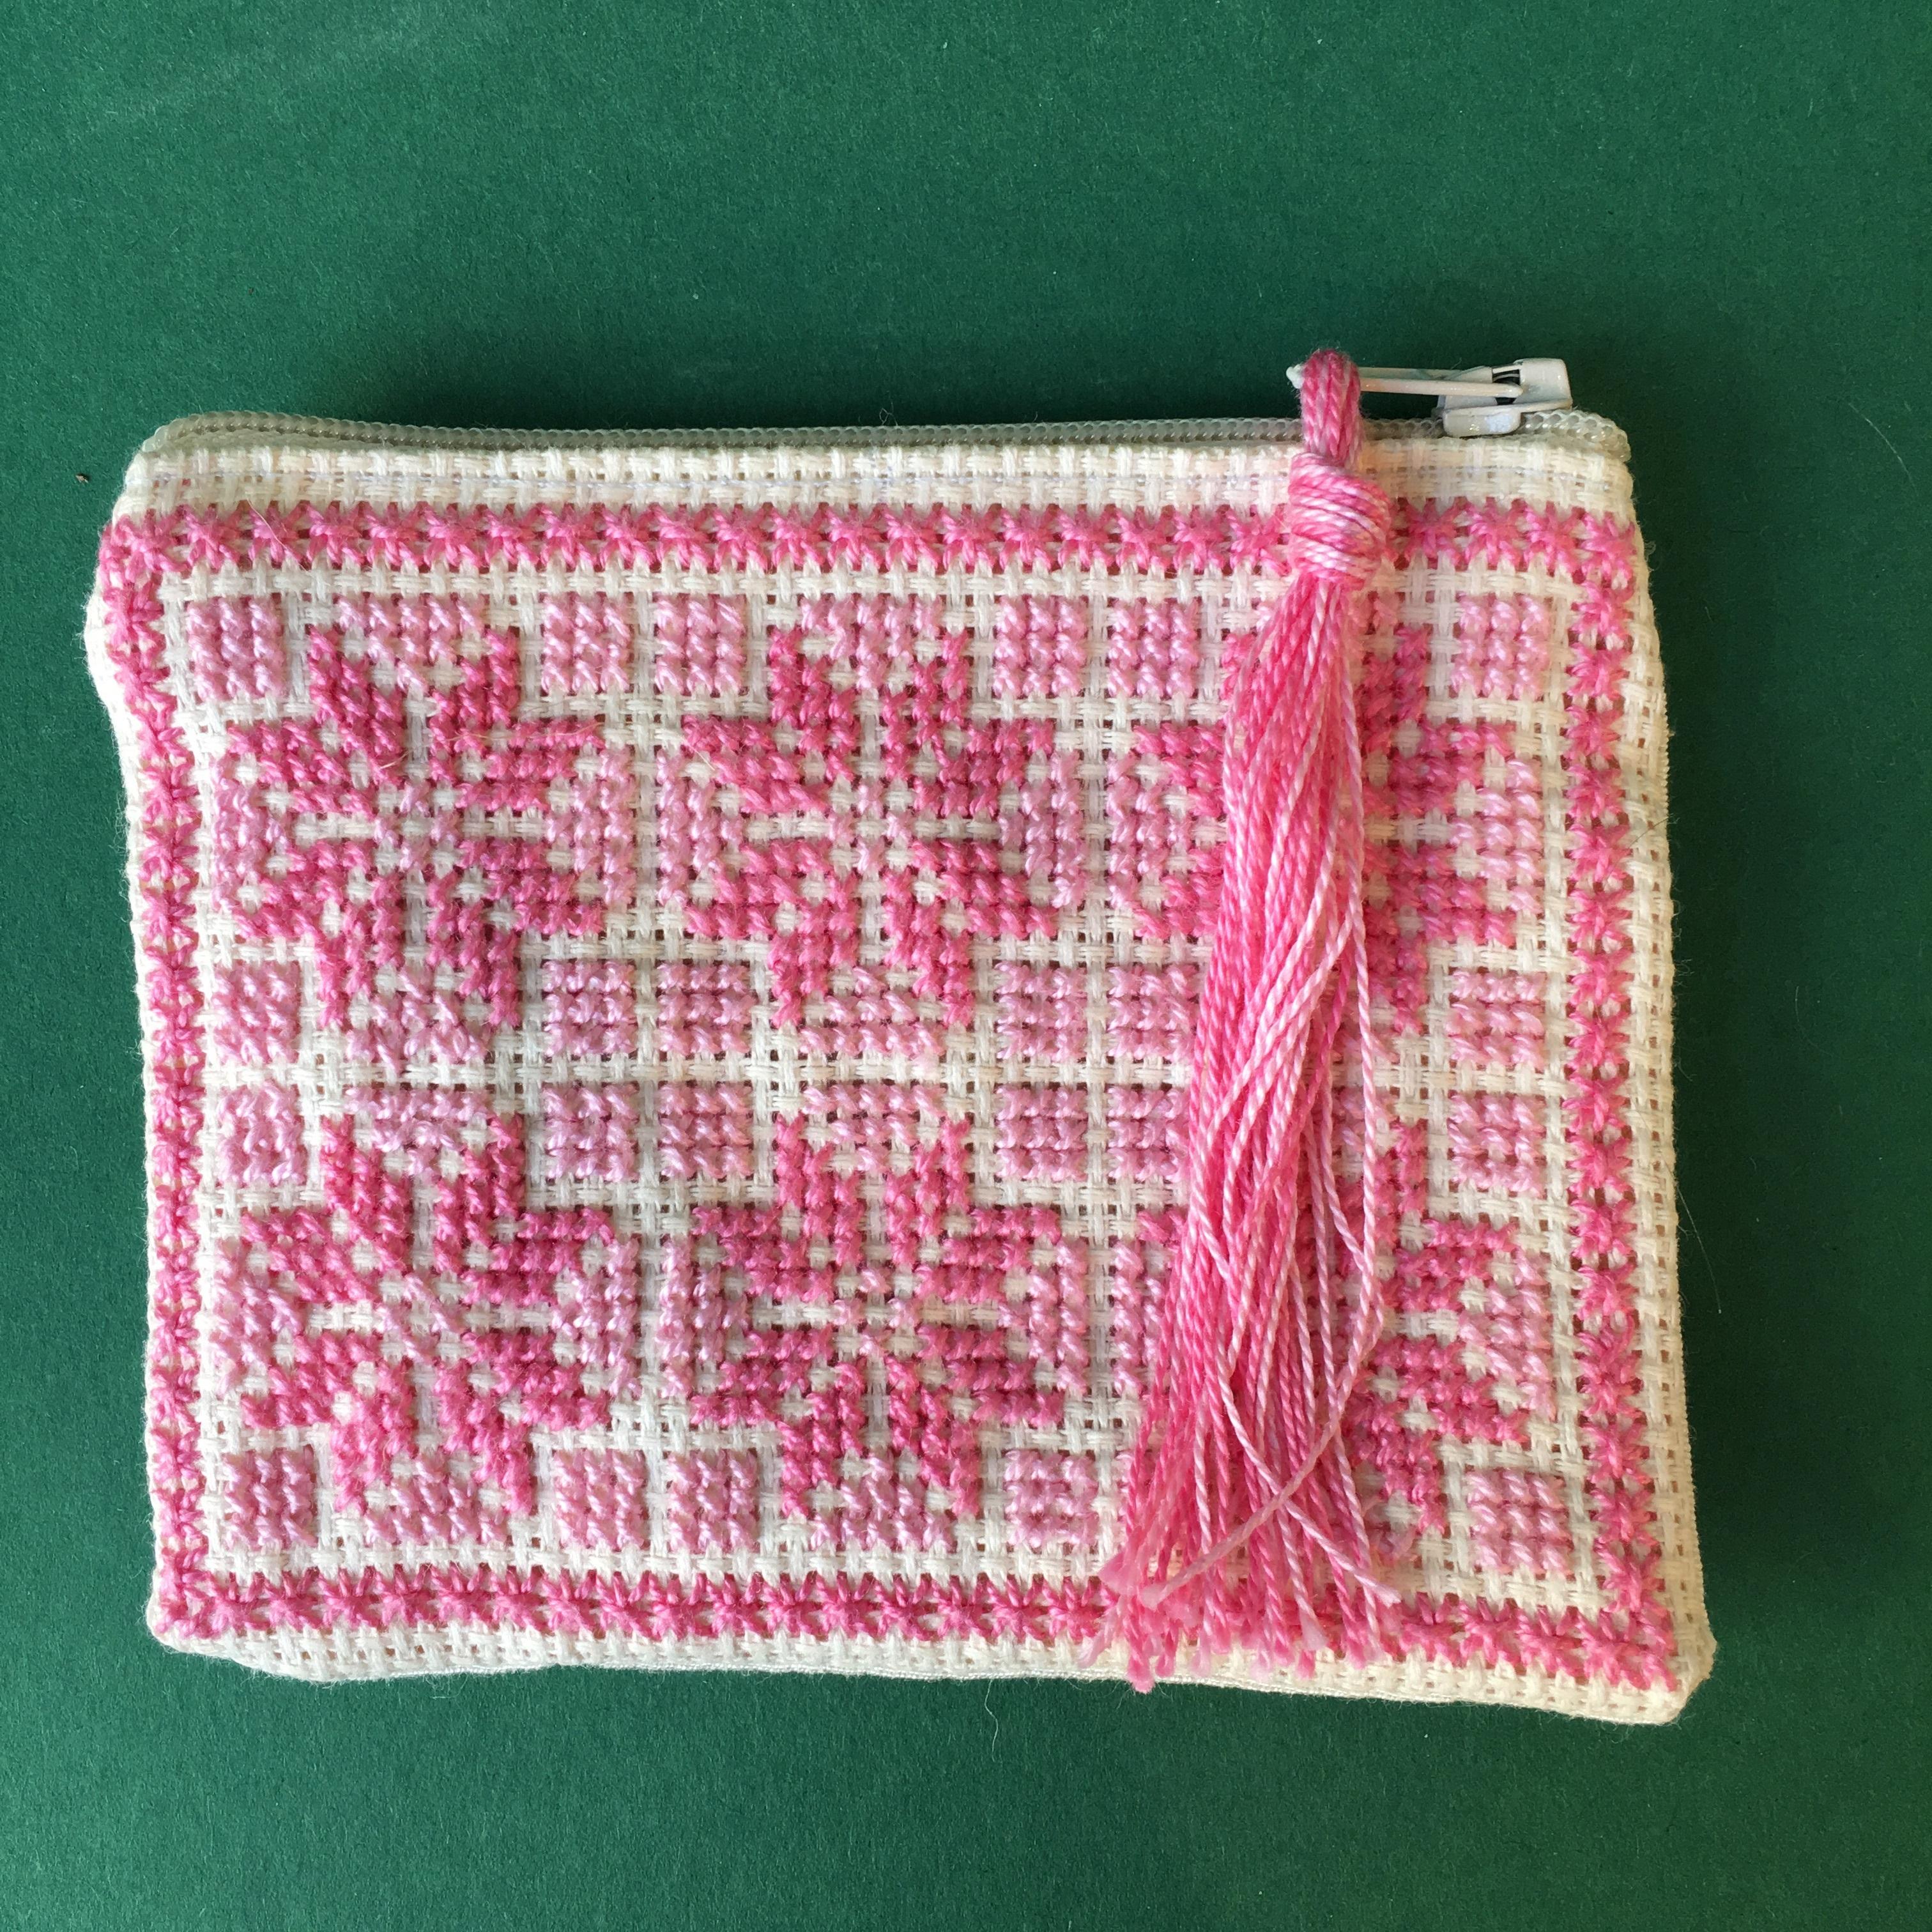 Liten brodert pung, hvit og rosa